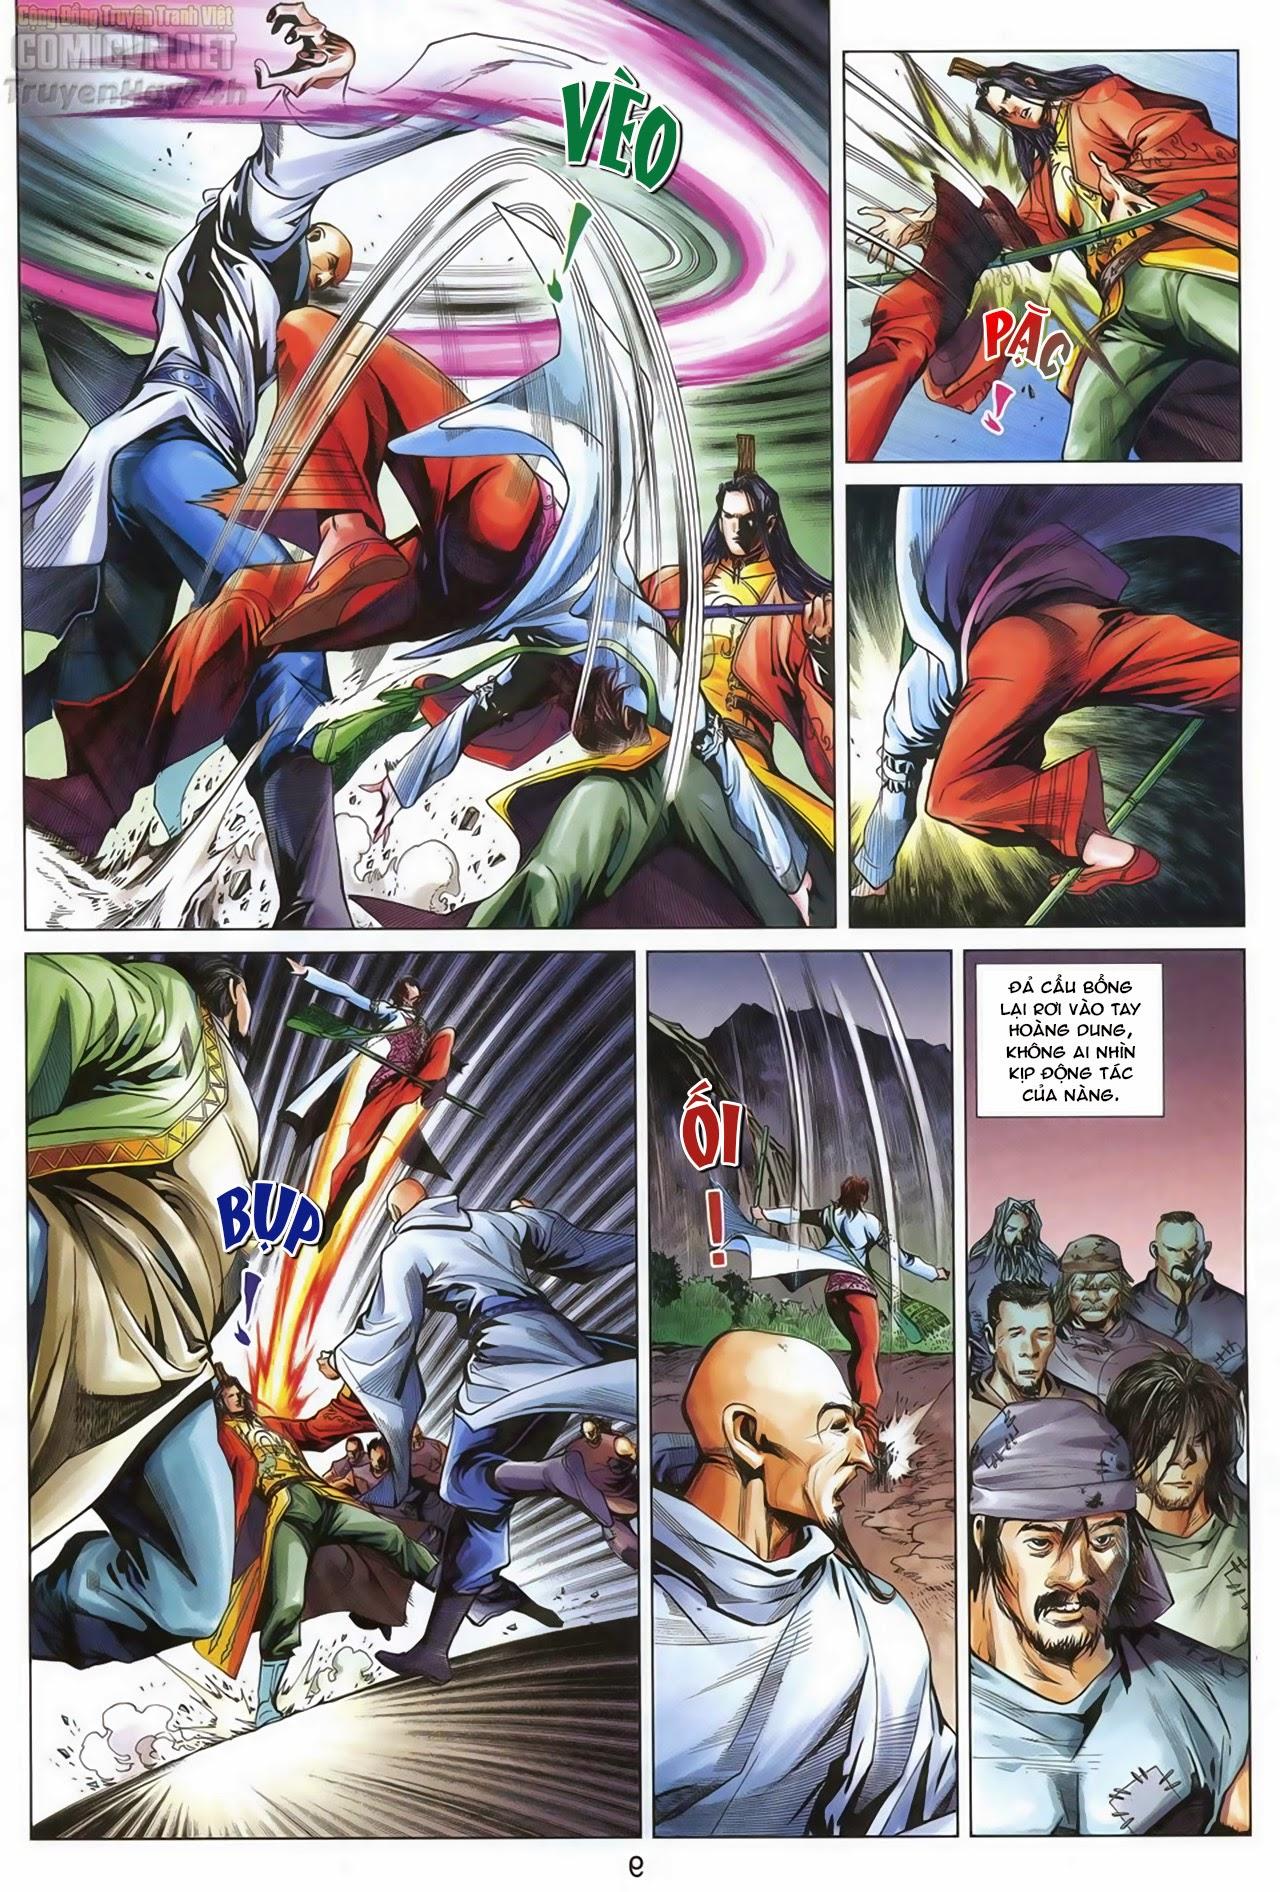 Anh Hùng Xạ Điêu anh hùng xạ đêu chap 68: di thư chân kinh - lừa tình trang 10